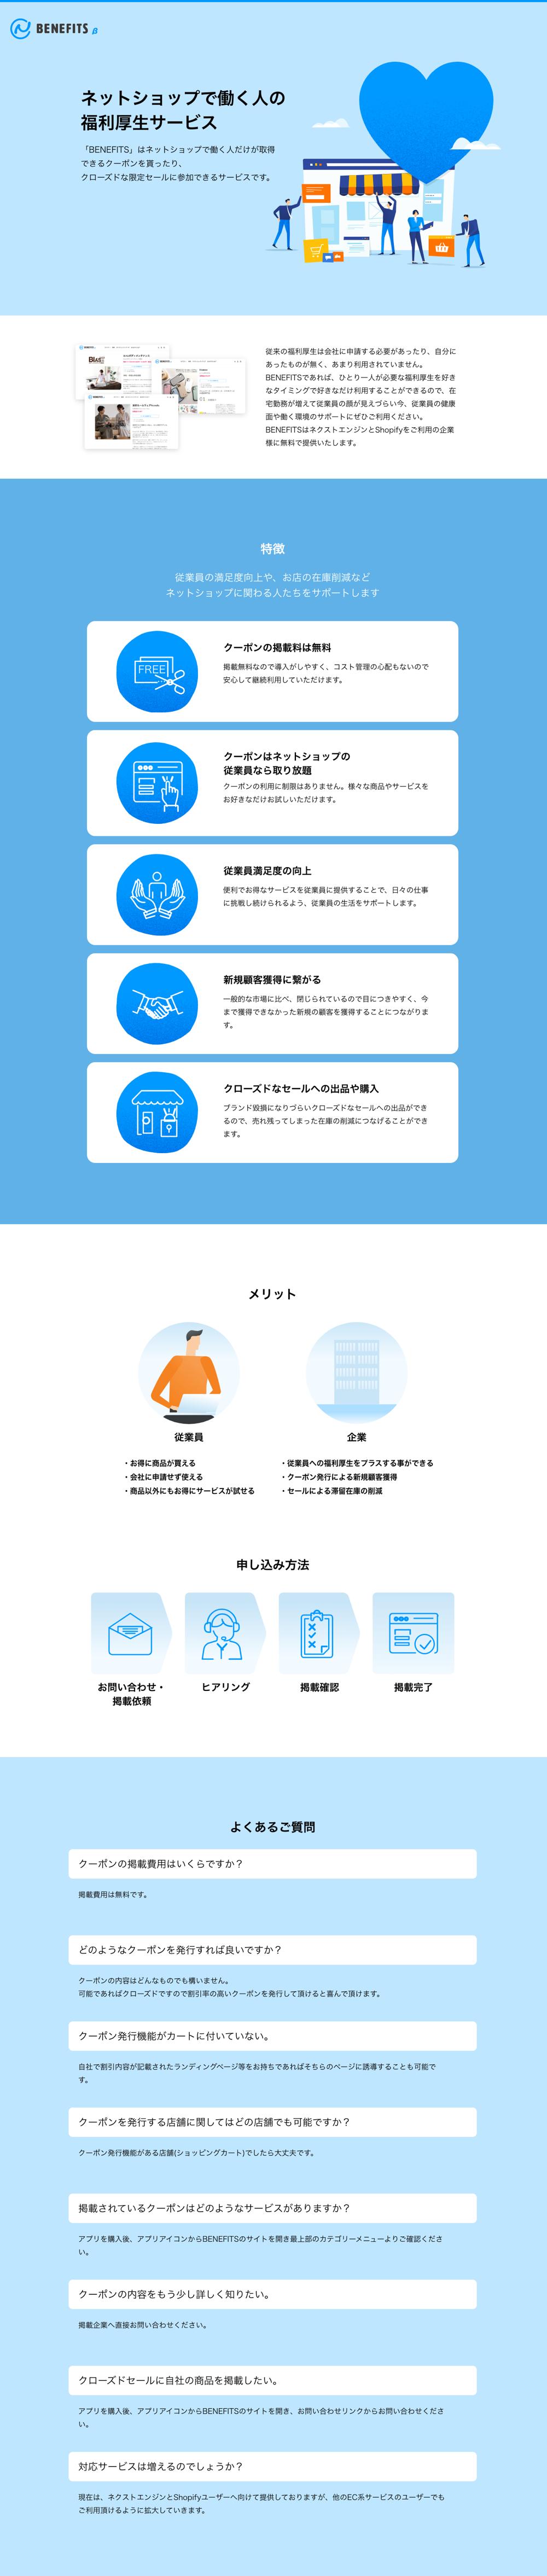 ネットショップで働く人の福利厚生「BENEFITS β」